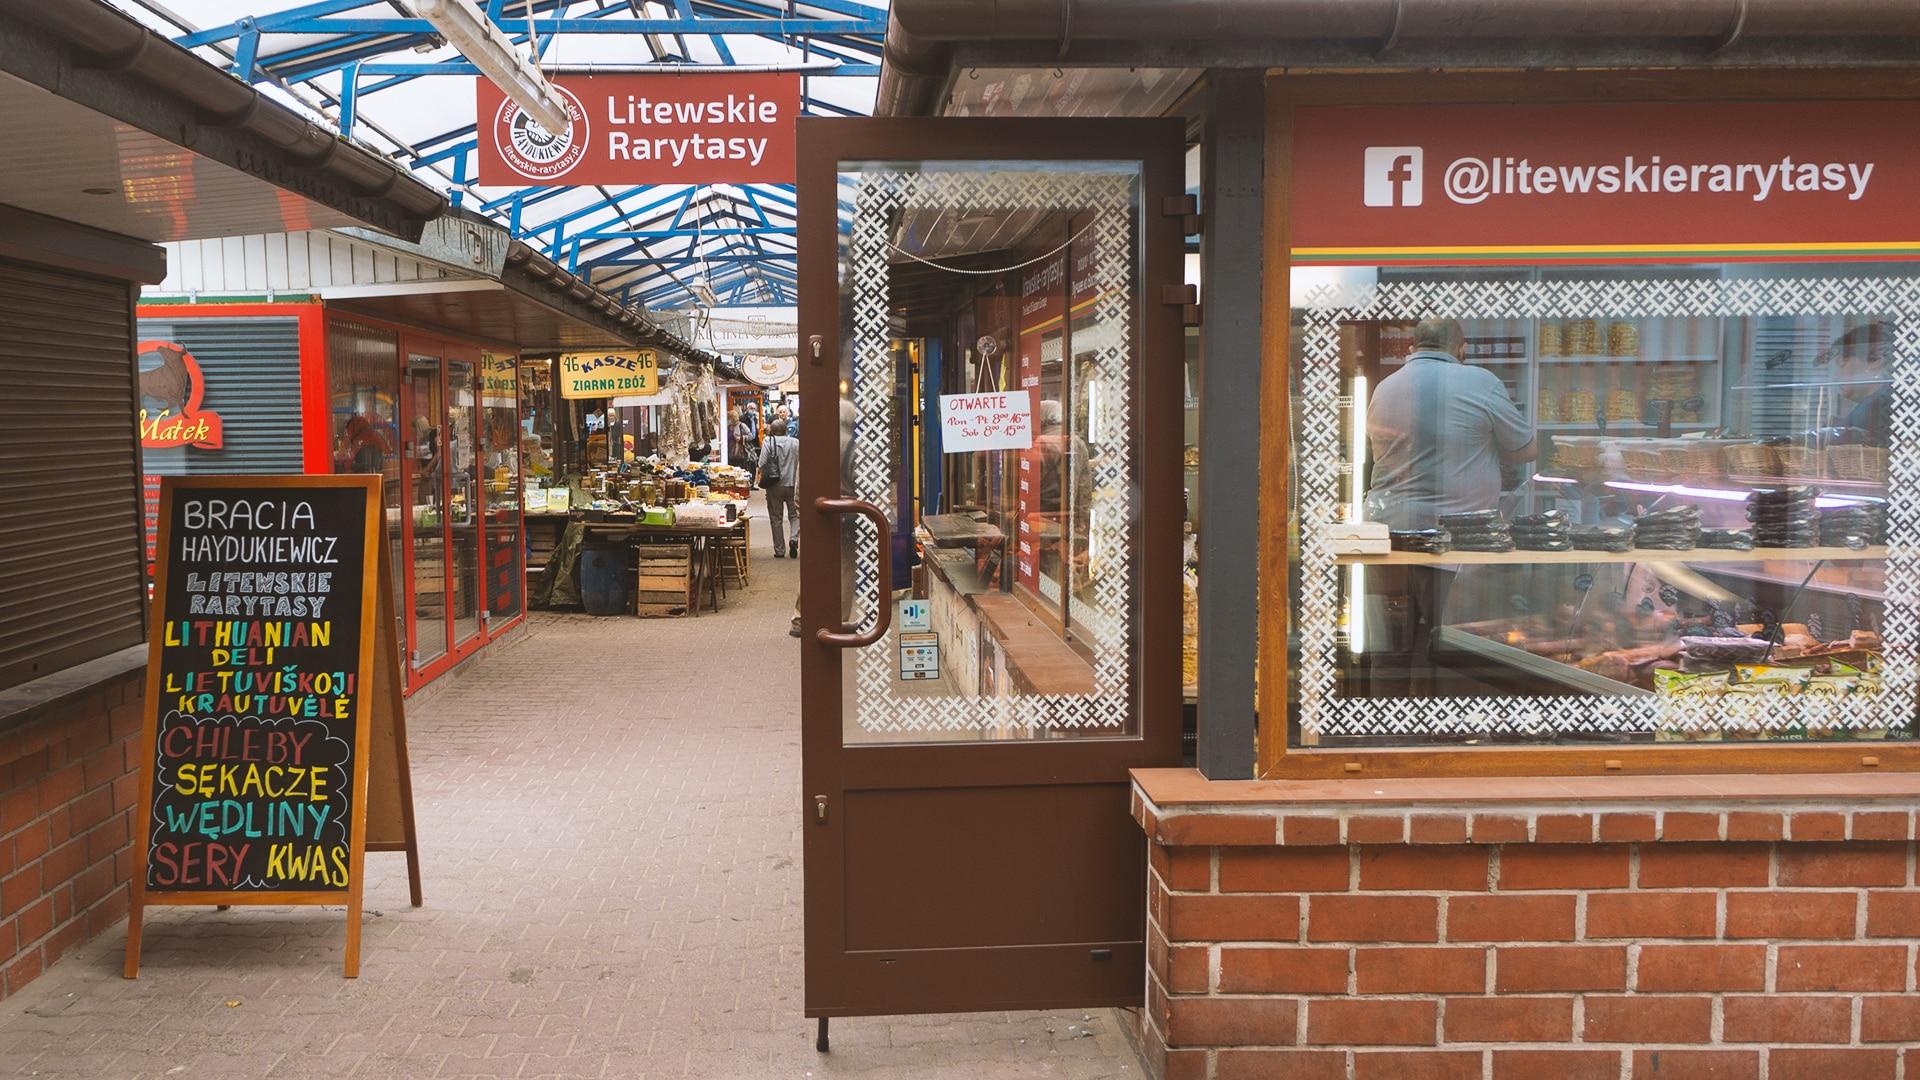 Litewskie Rarytasy z łatwością znajdziemy odwiedzając Stary Kleparz. Są też w internecie.